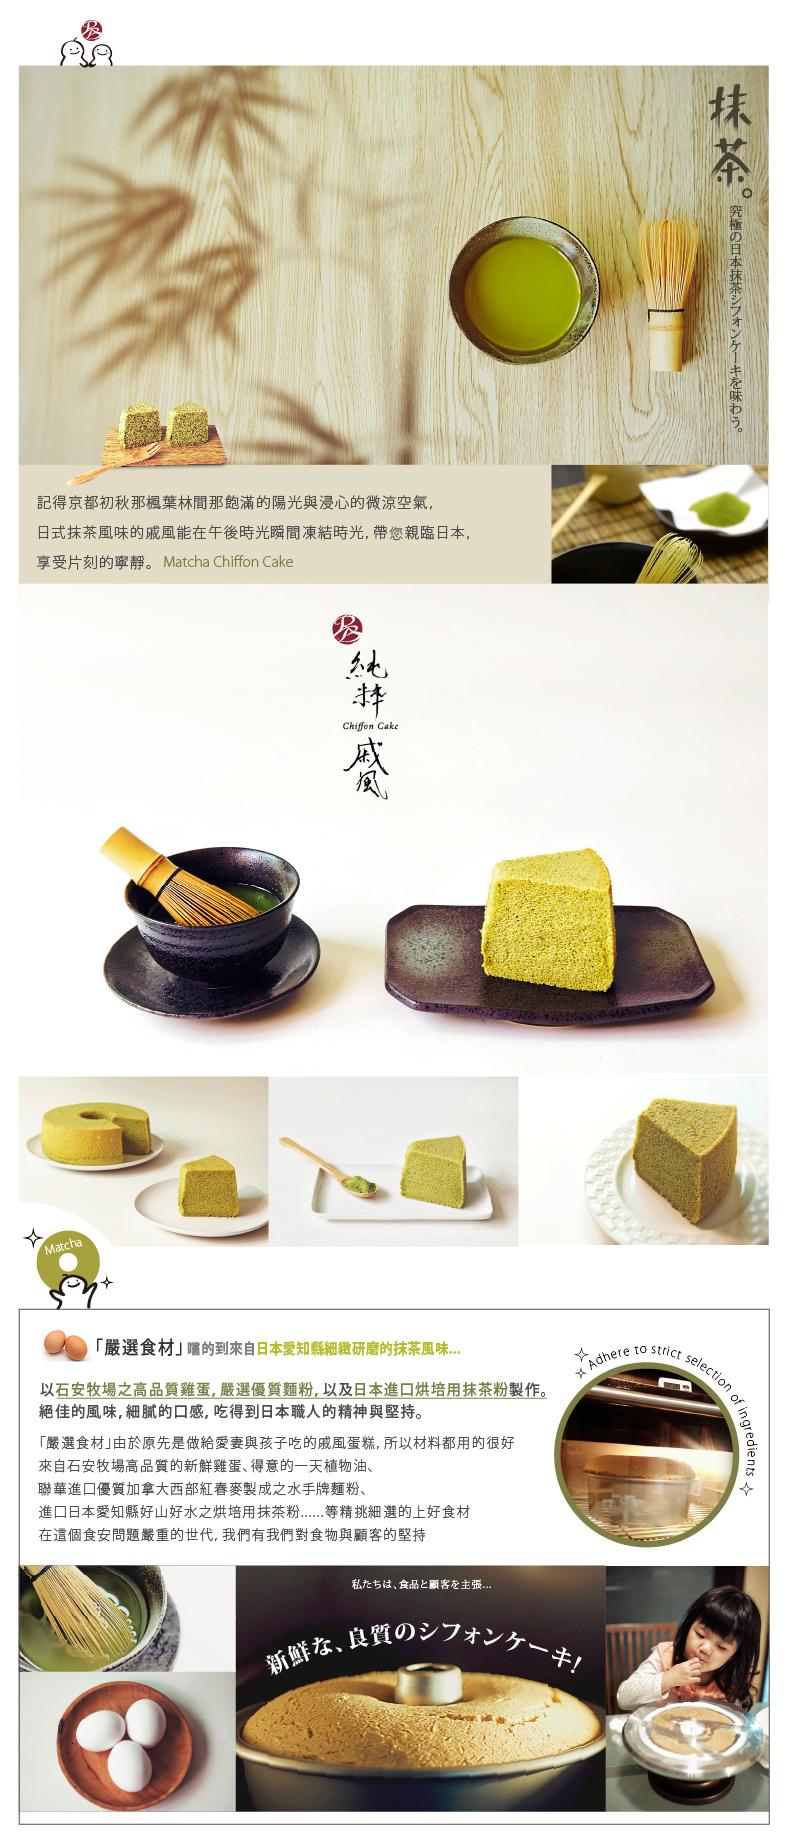 純粹戚風-7吋日式抹茶戚風蛋糕